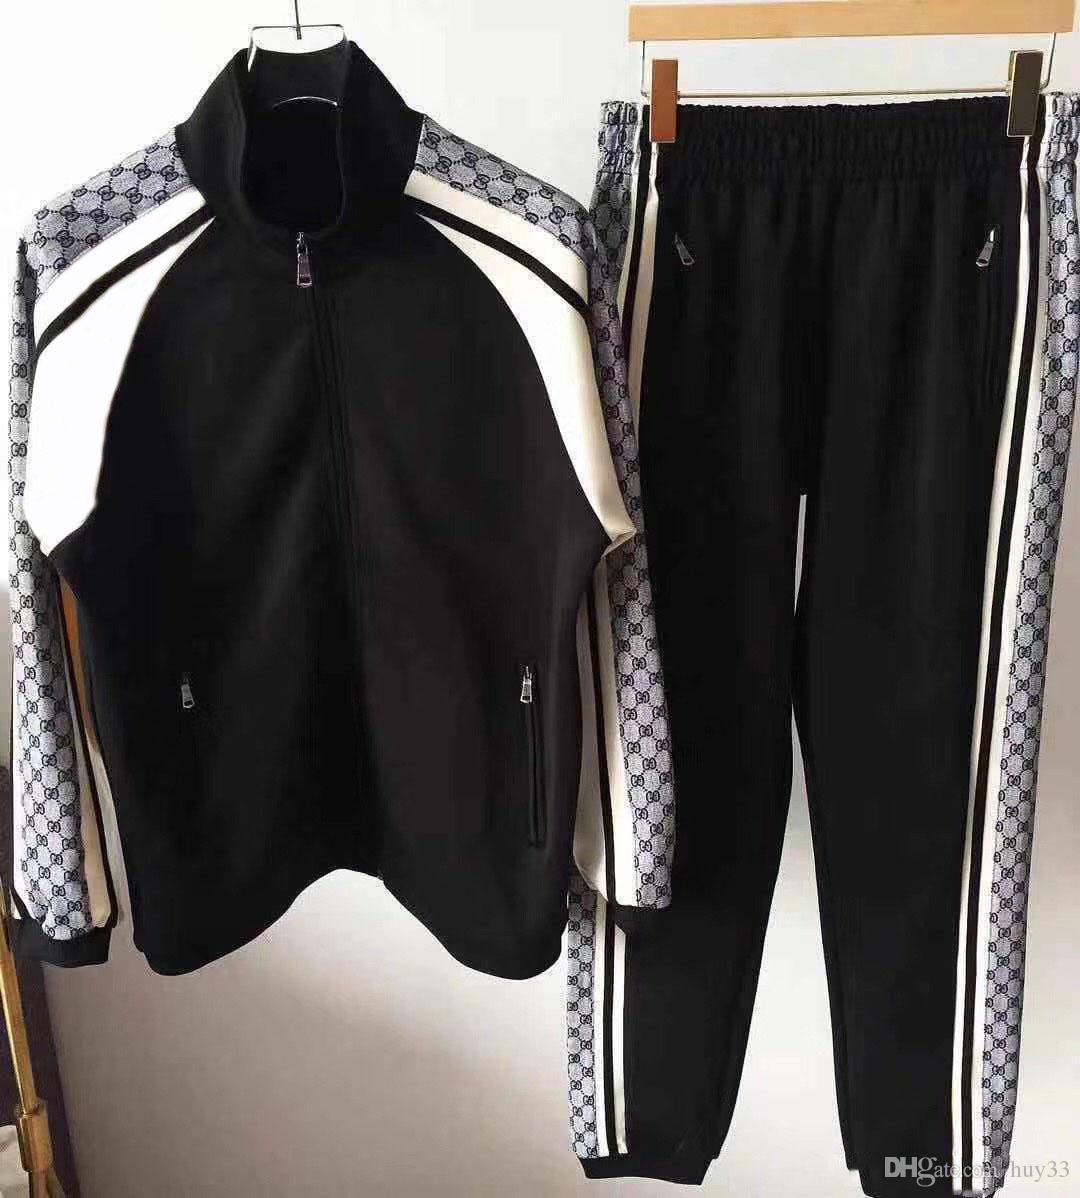 AA2019 Medusa spor erkek tam fermuar erkek spor takım elbise erkek kazak seti ve pantolon Medusa spor